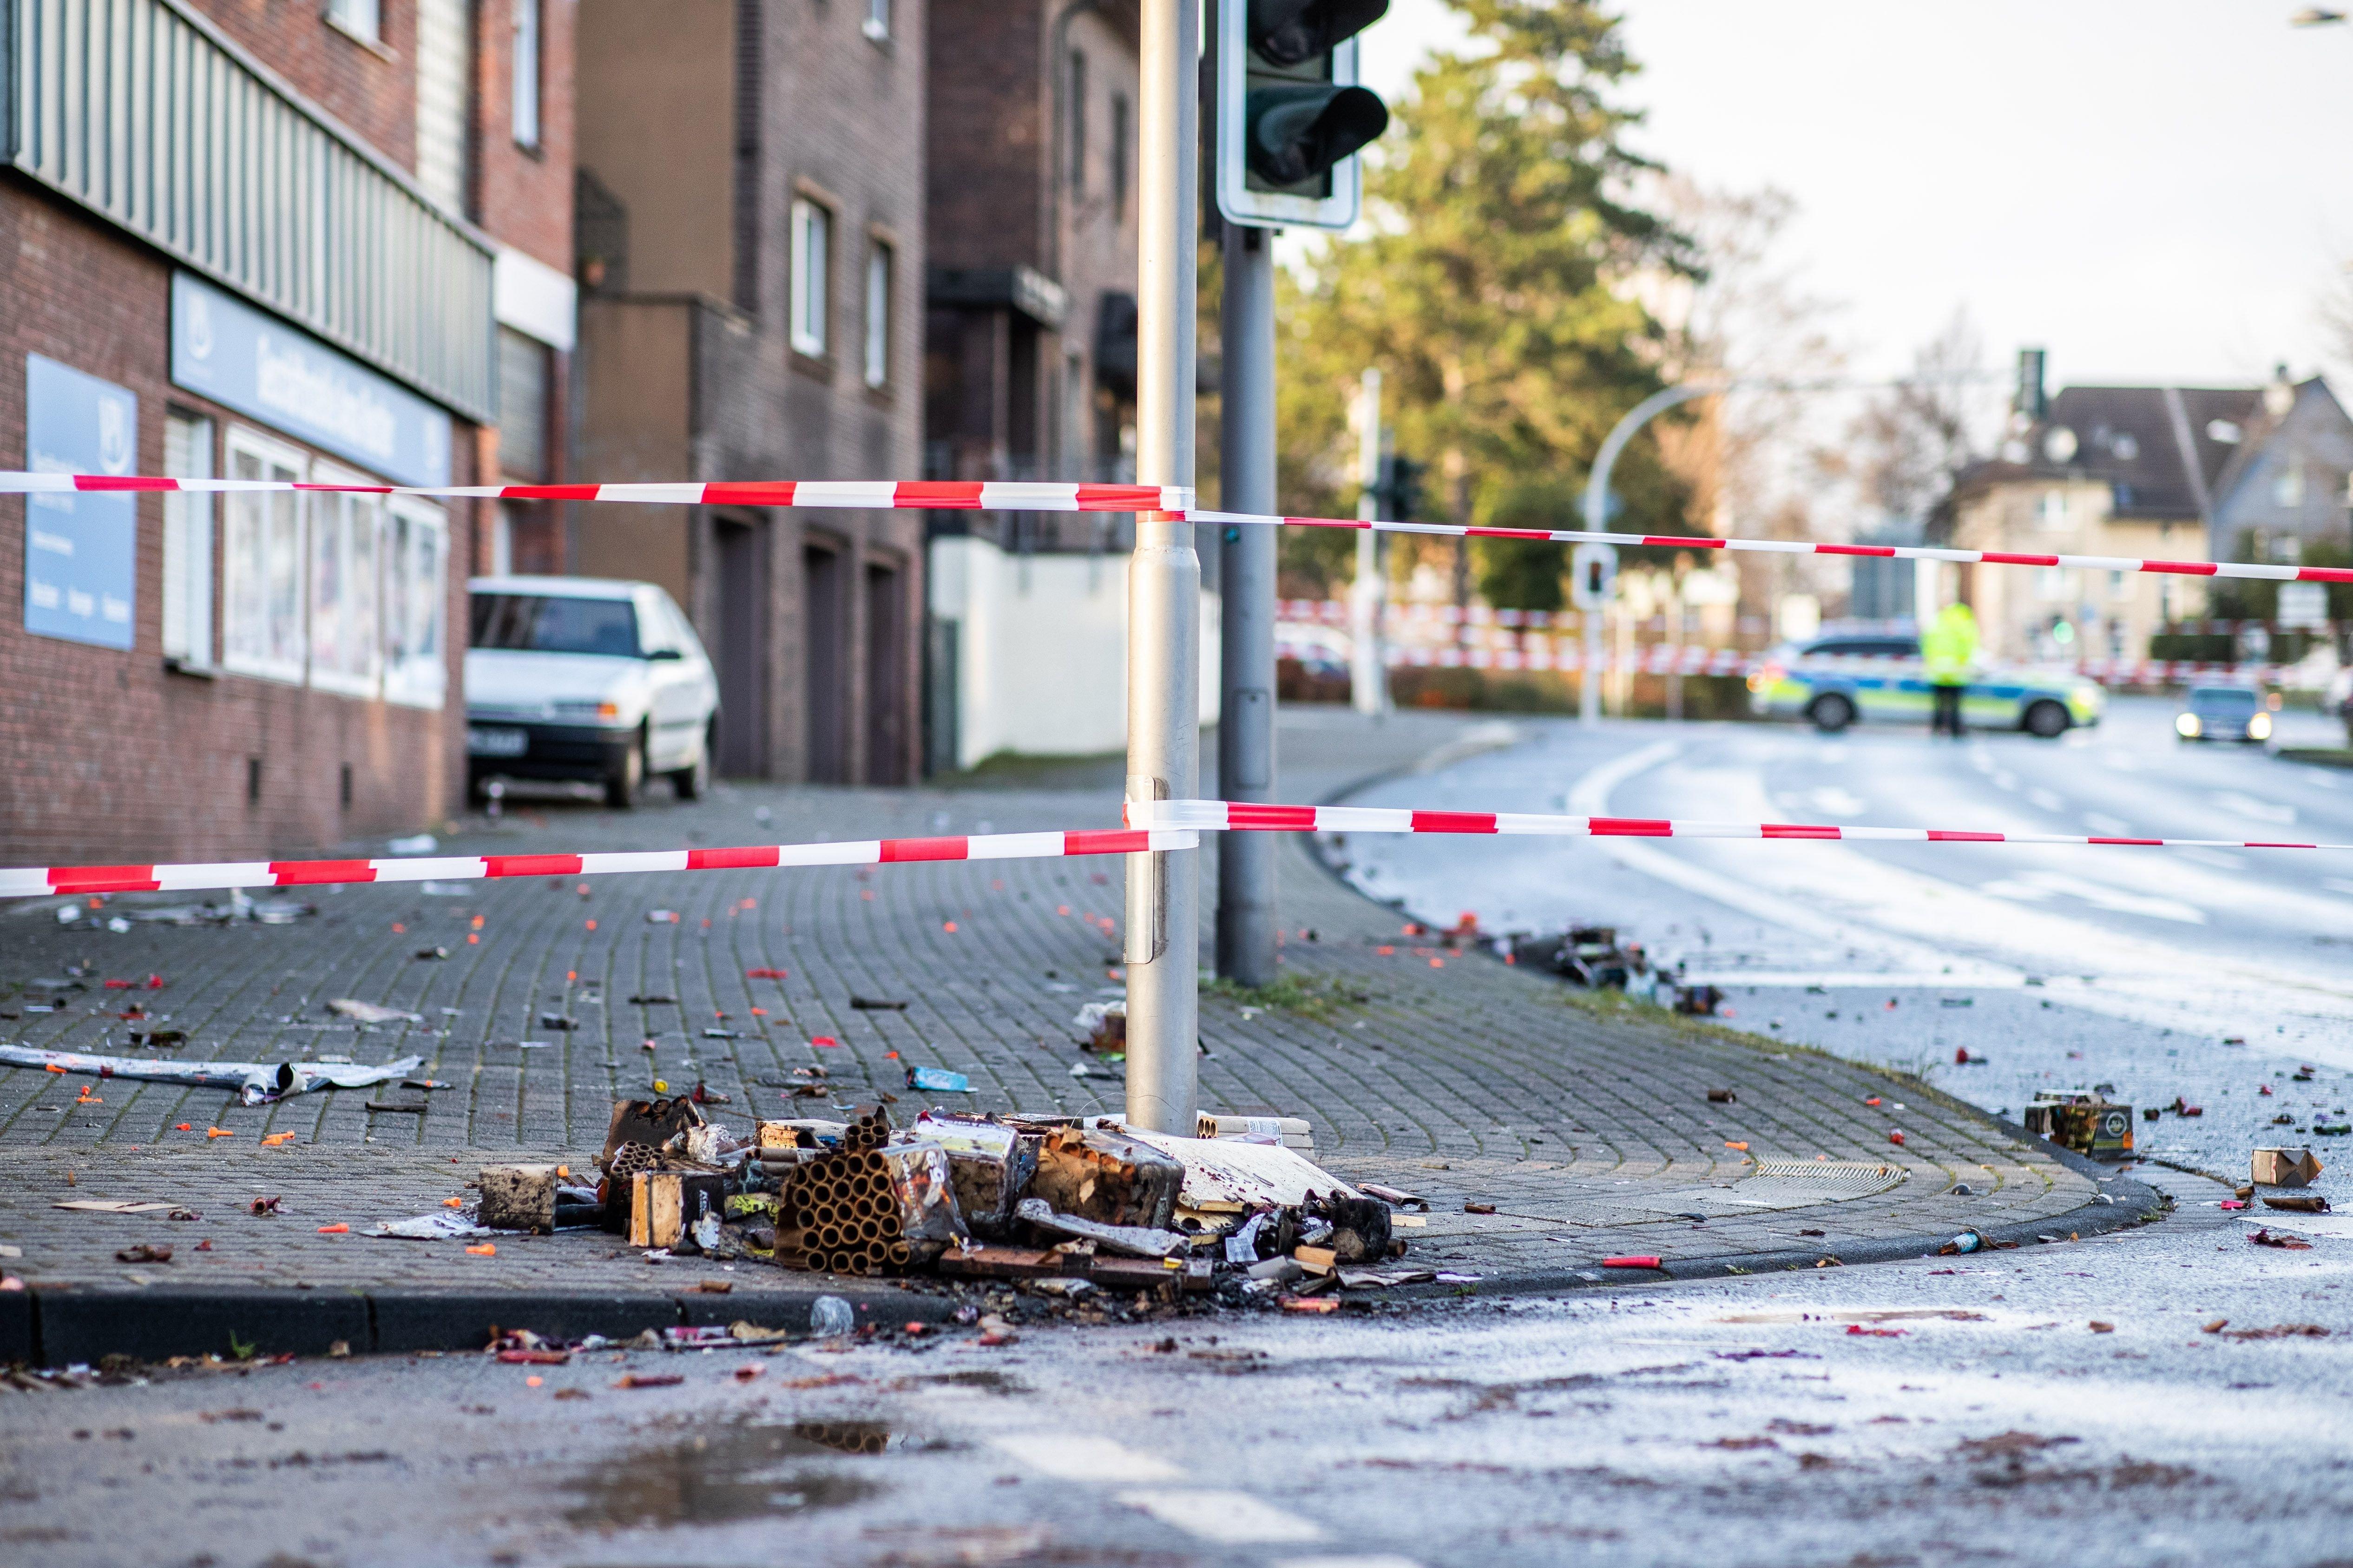 독일에서 '외국인 혐오' 의심 차량 돌진으로 5명이